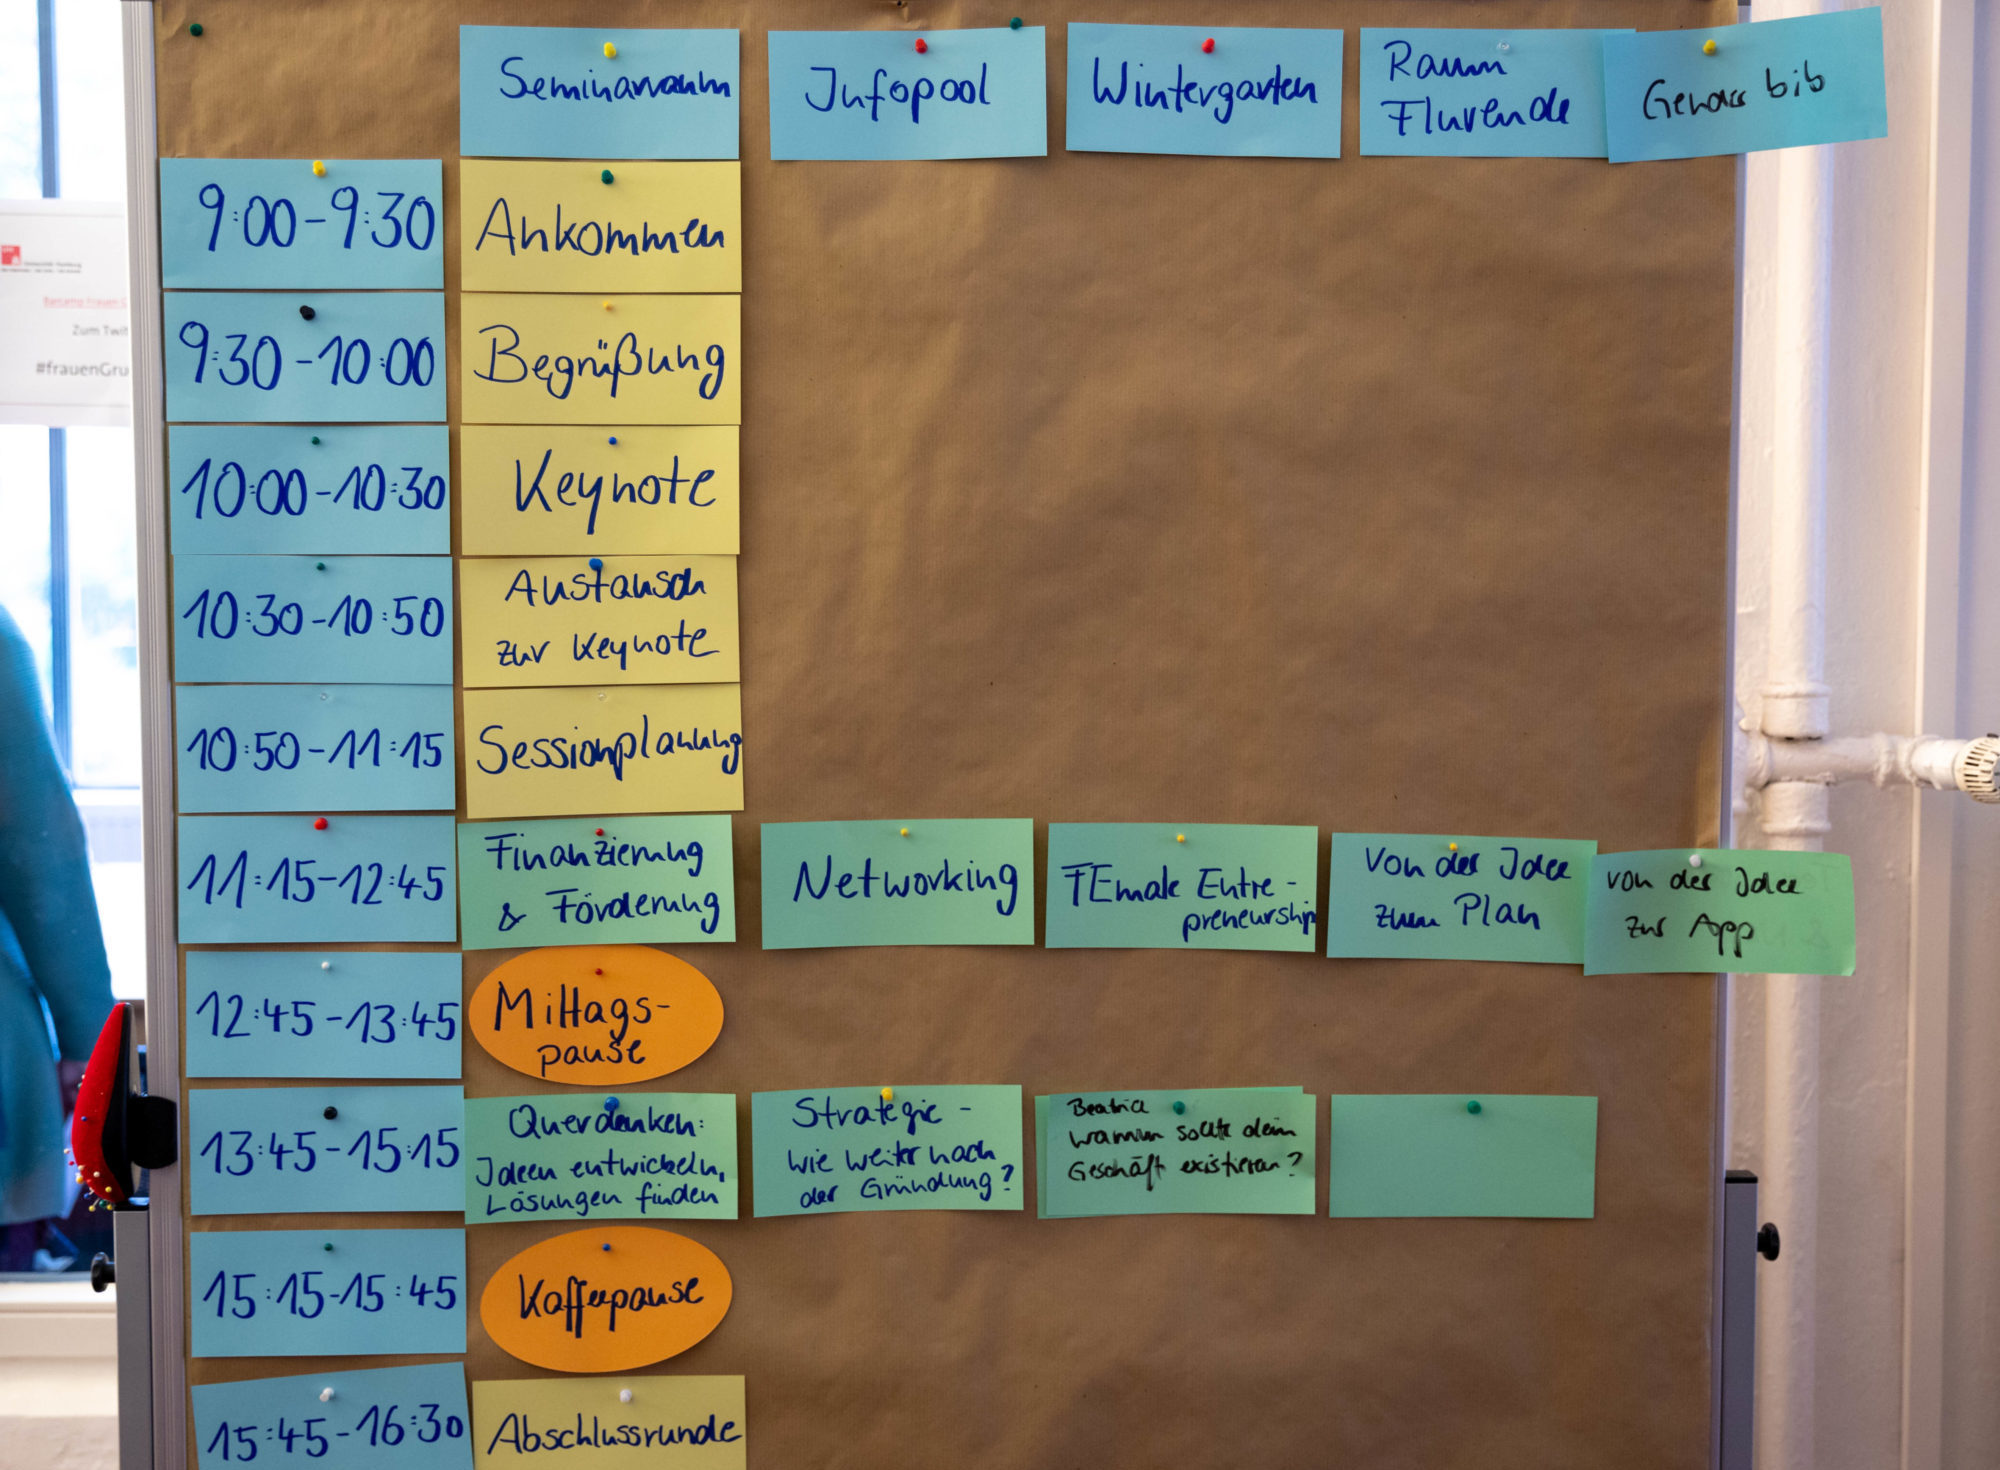 """Auf einer Pinnwand ist der Zeit- und Raumplan des Barcamps """"FrauenGründen"""" mit bunten Karten angepinnt."""